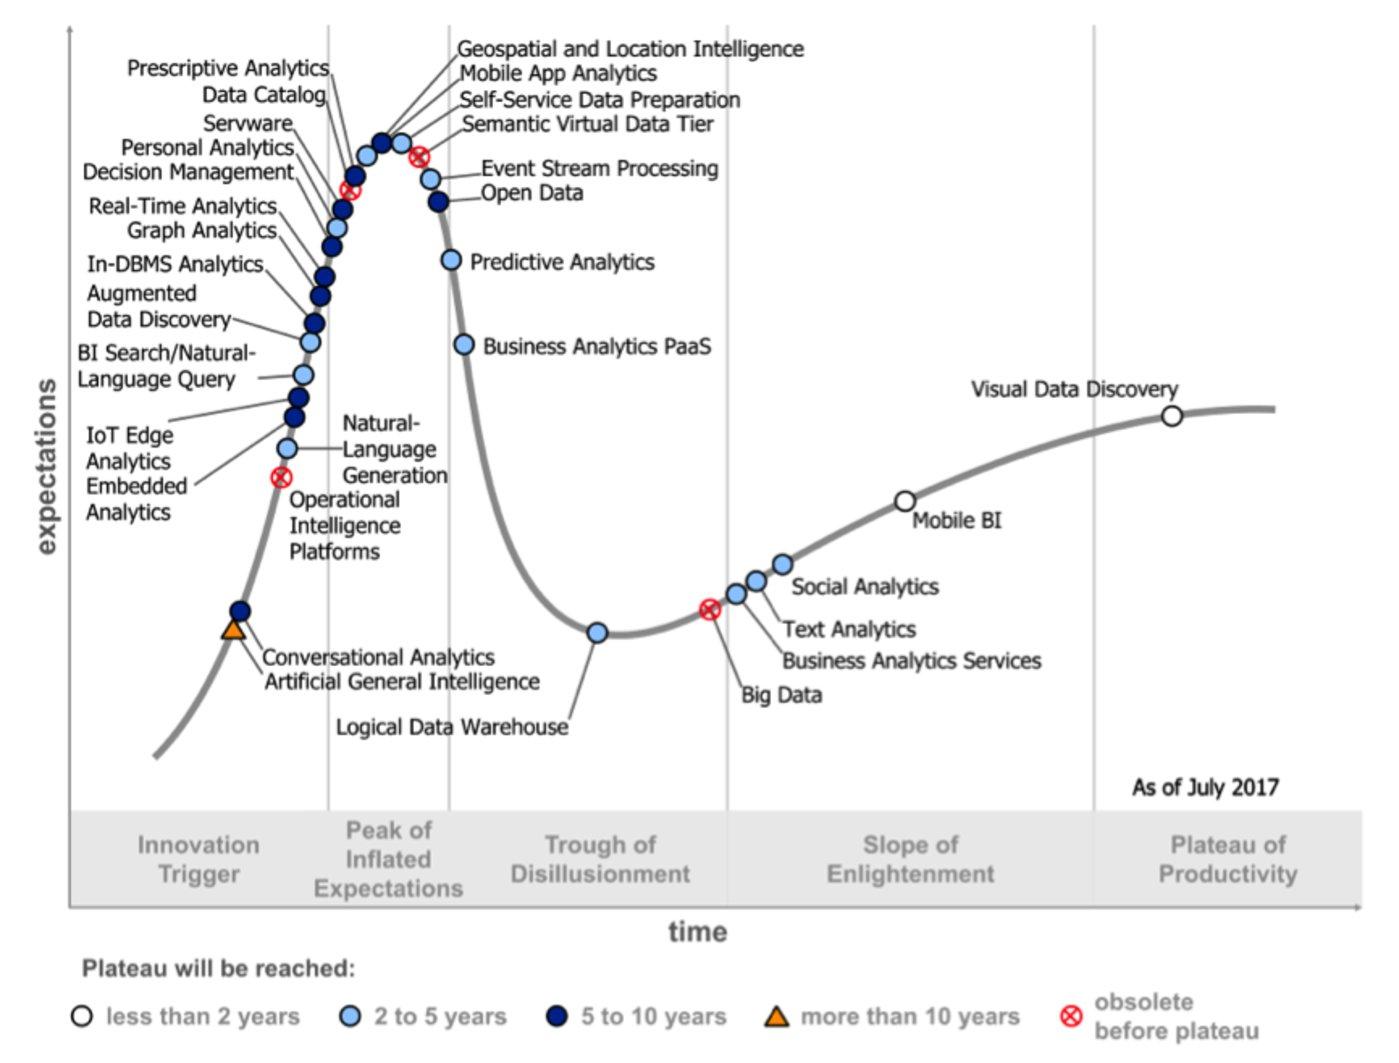 图1- Gartner 2017年分析和商业智能炒作周期